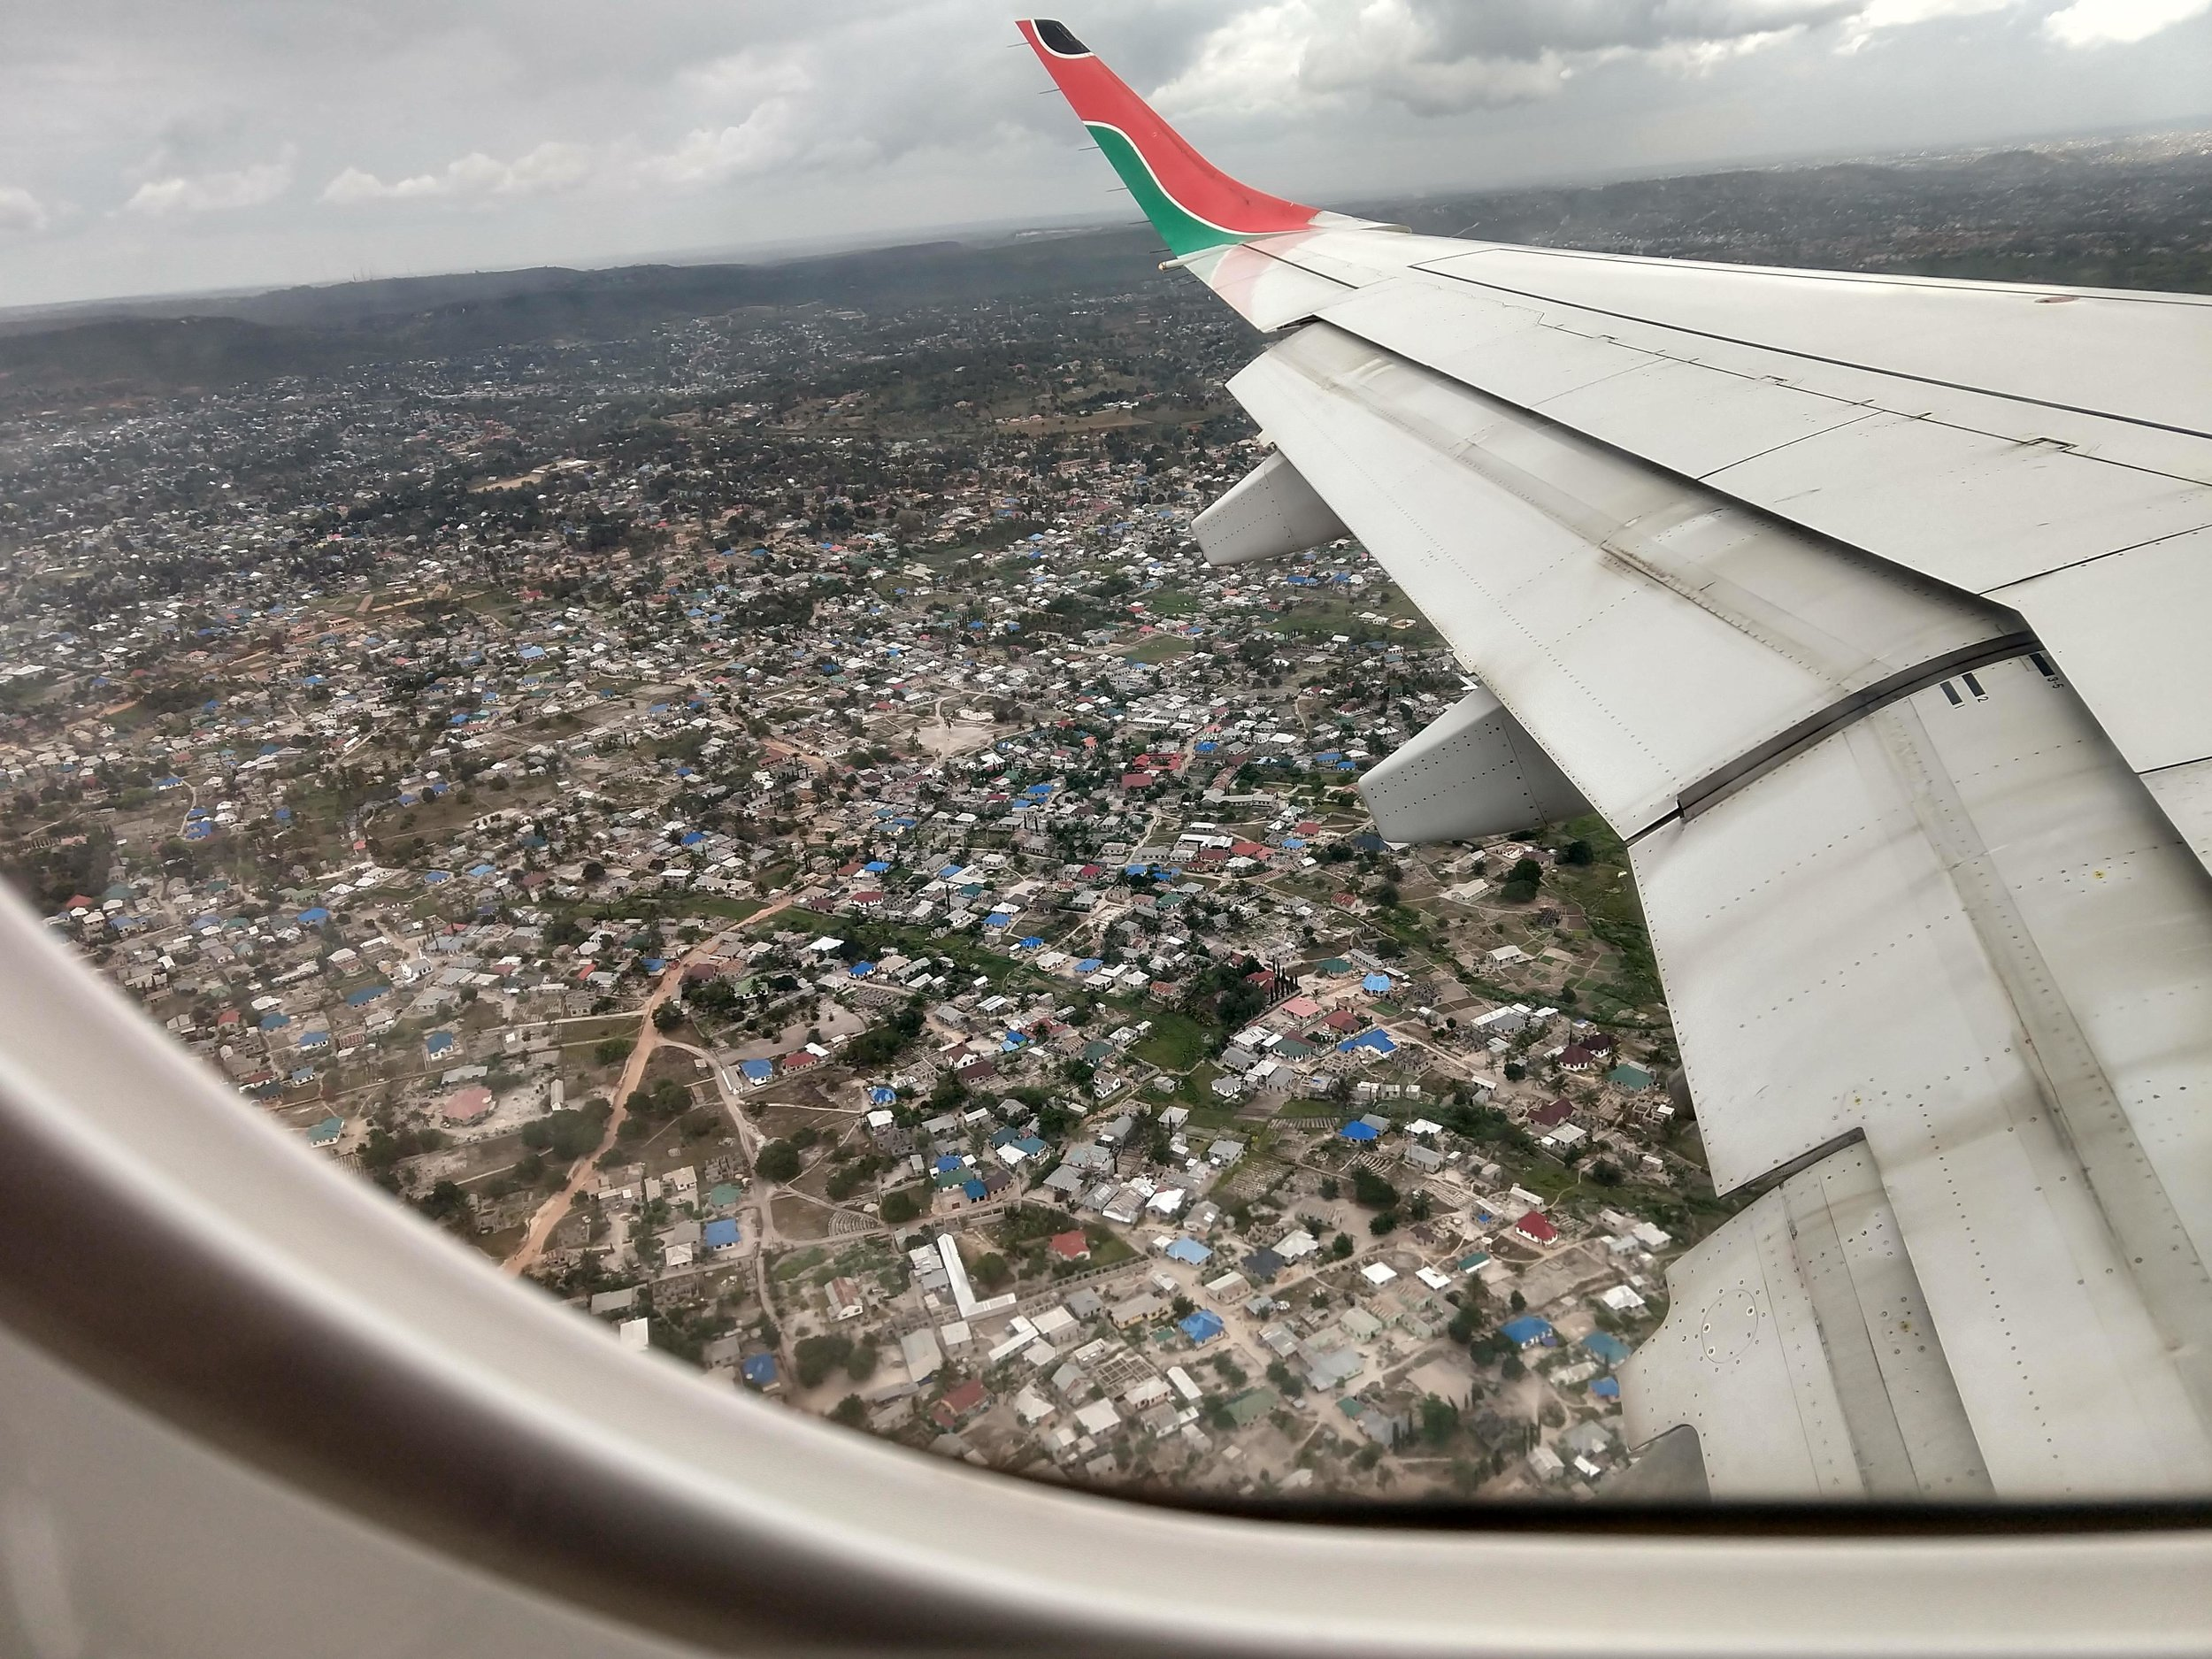 2018-Broadway-Tanzania-Dar-es-Salaam-roofs.jpg